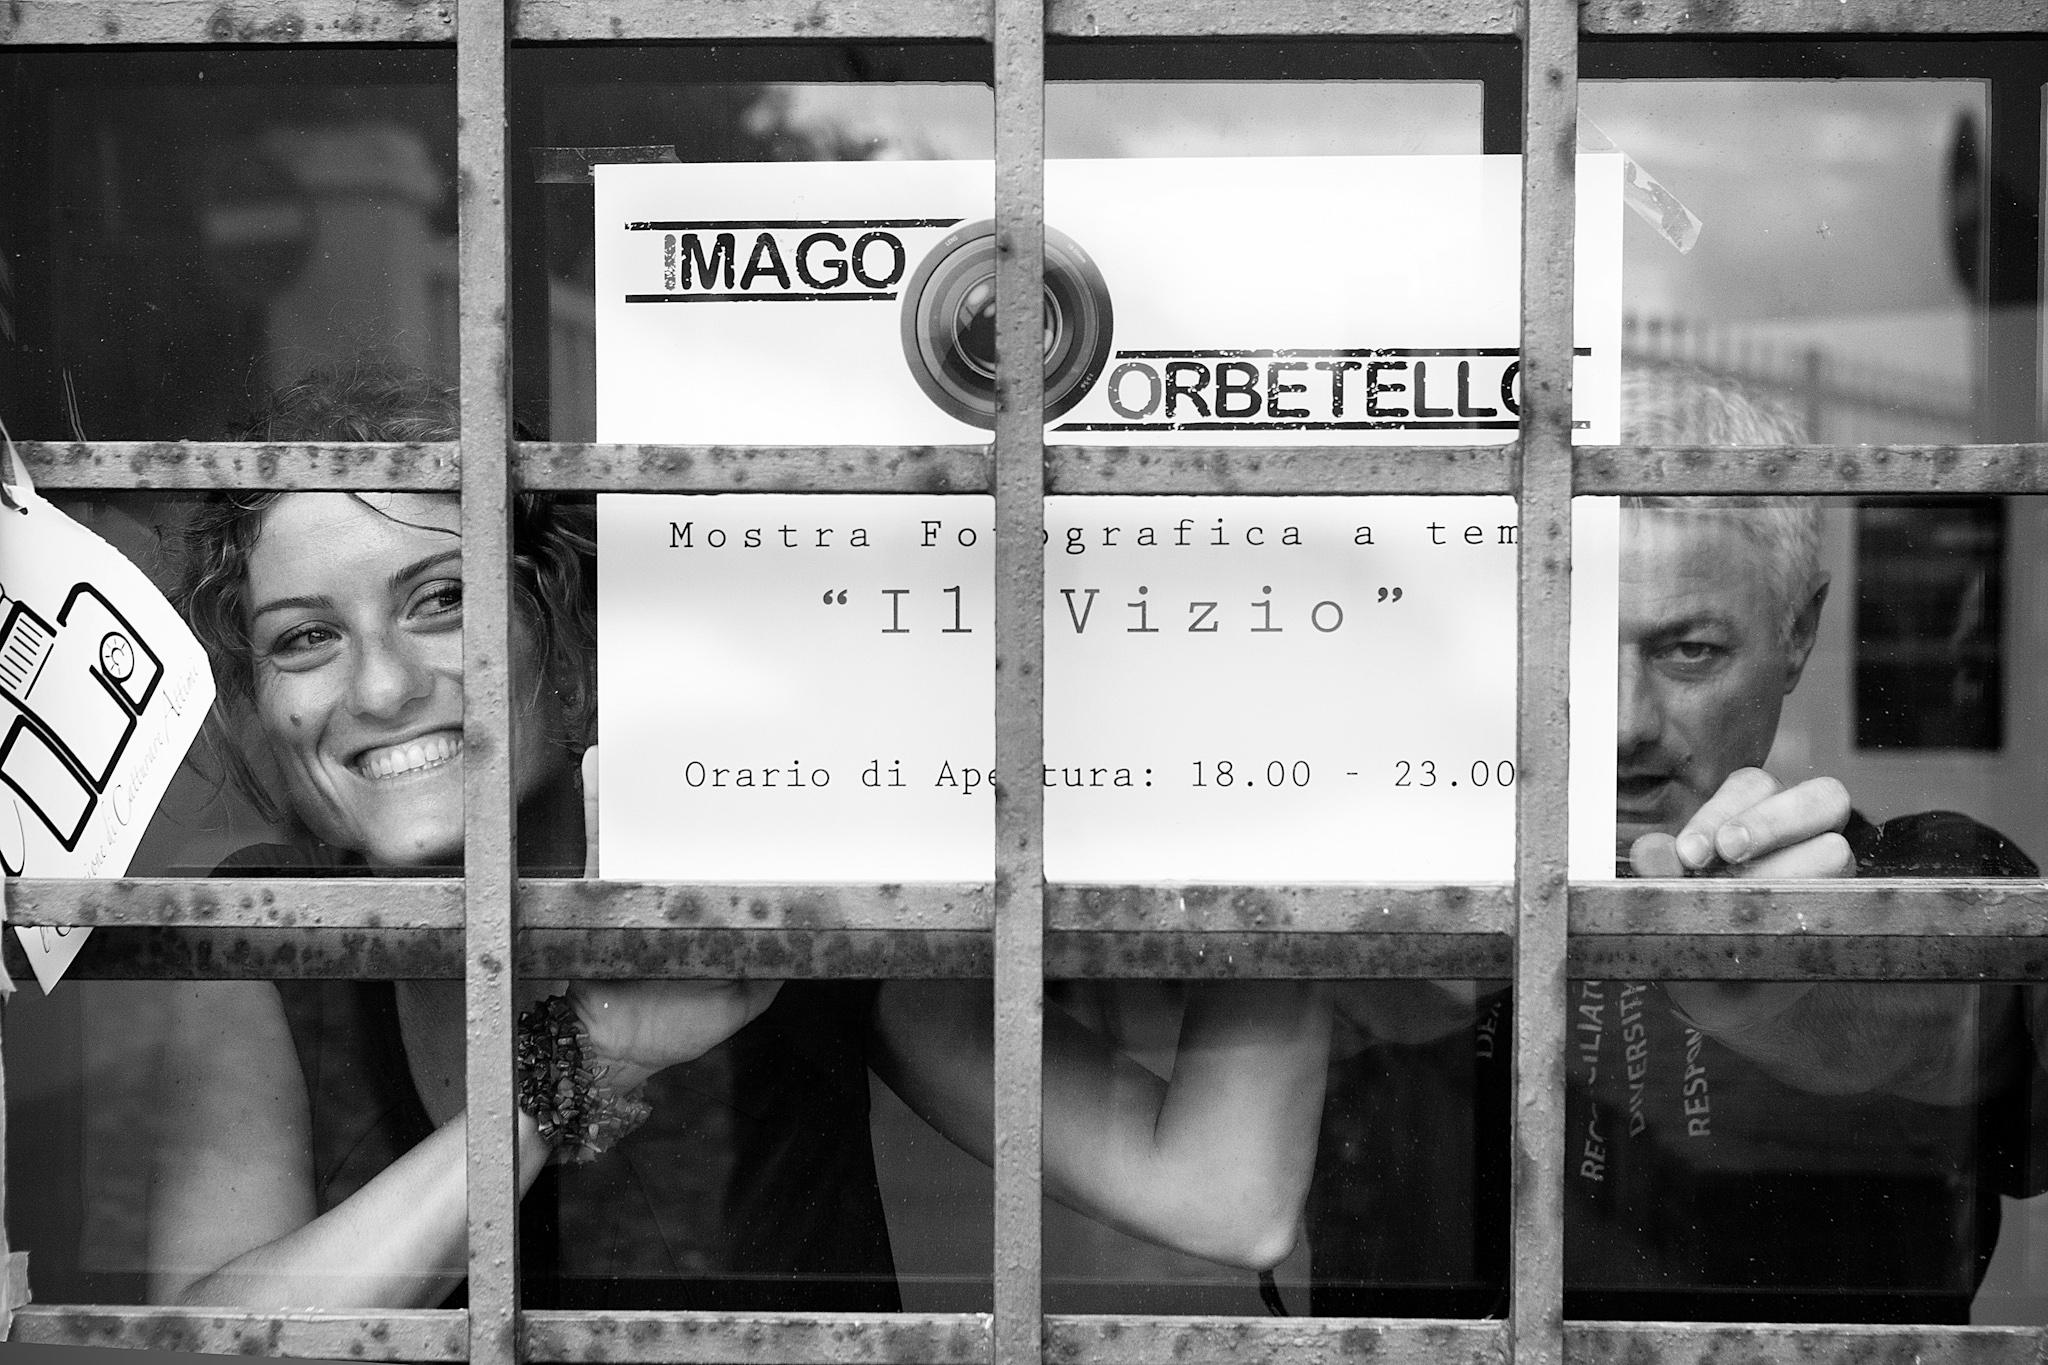 Imago 2013 (5)